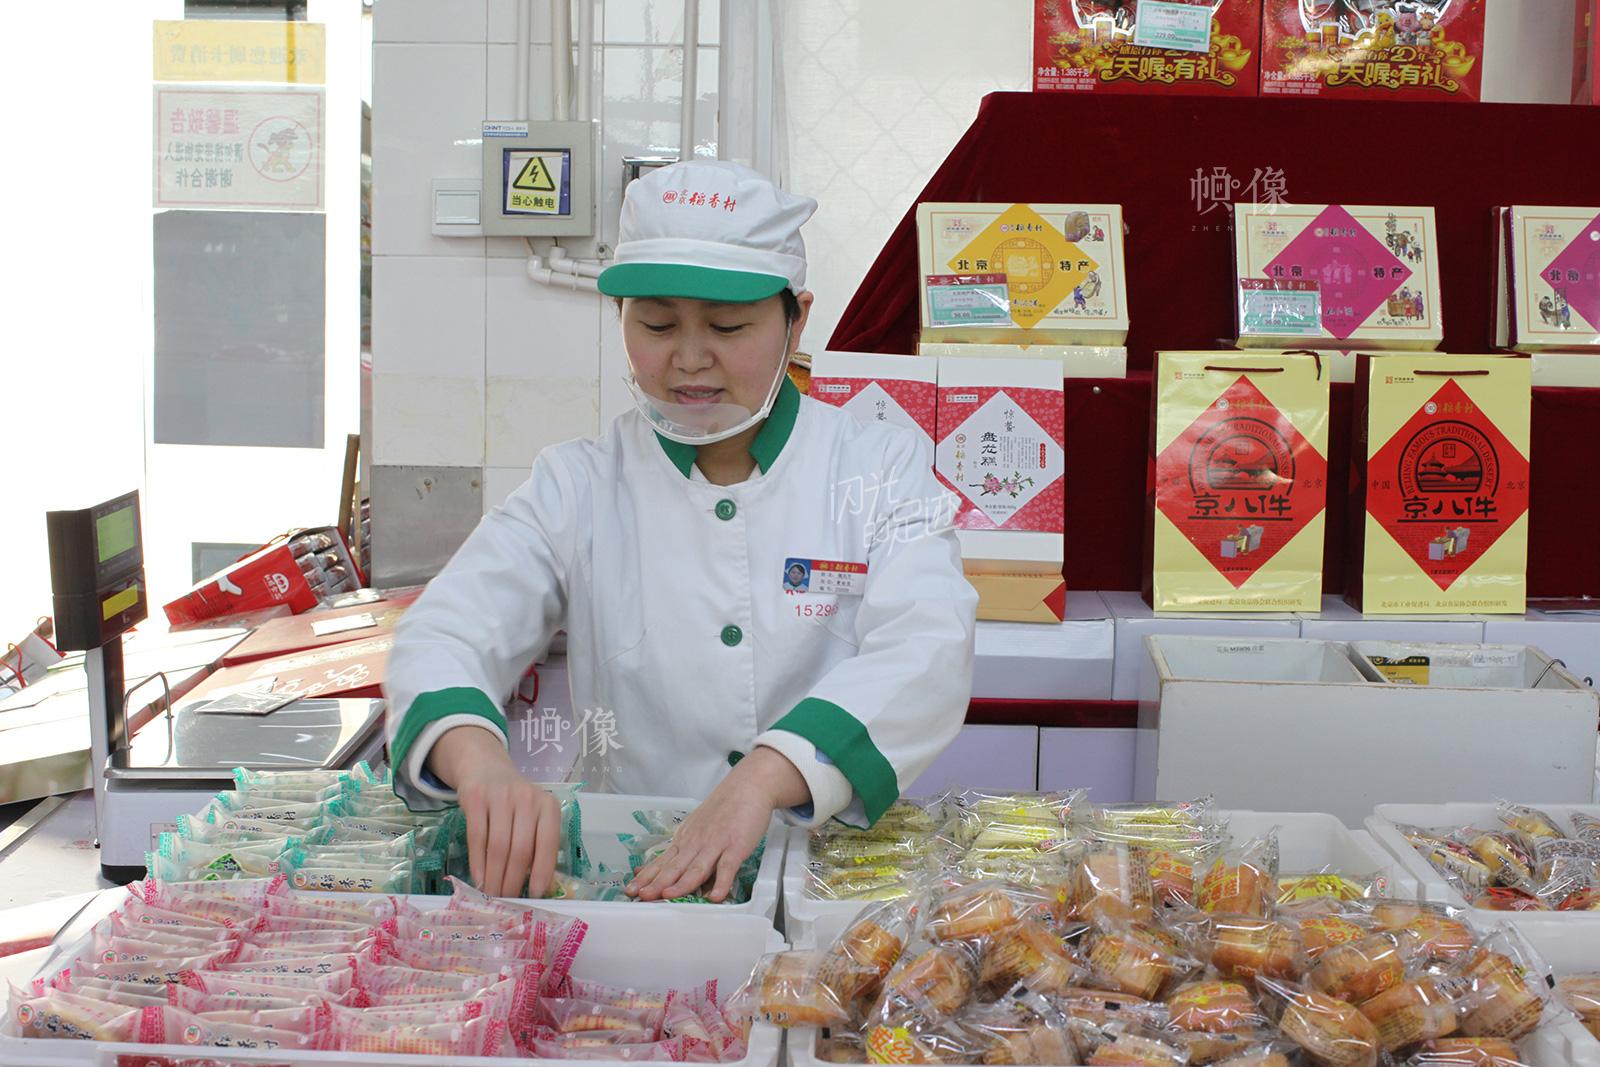 2017年3月2日,稻香村第三十二营业部,销售人员正在进行食品整理。中国网记者 高南 摄